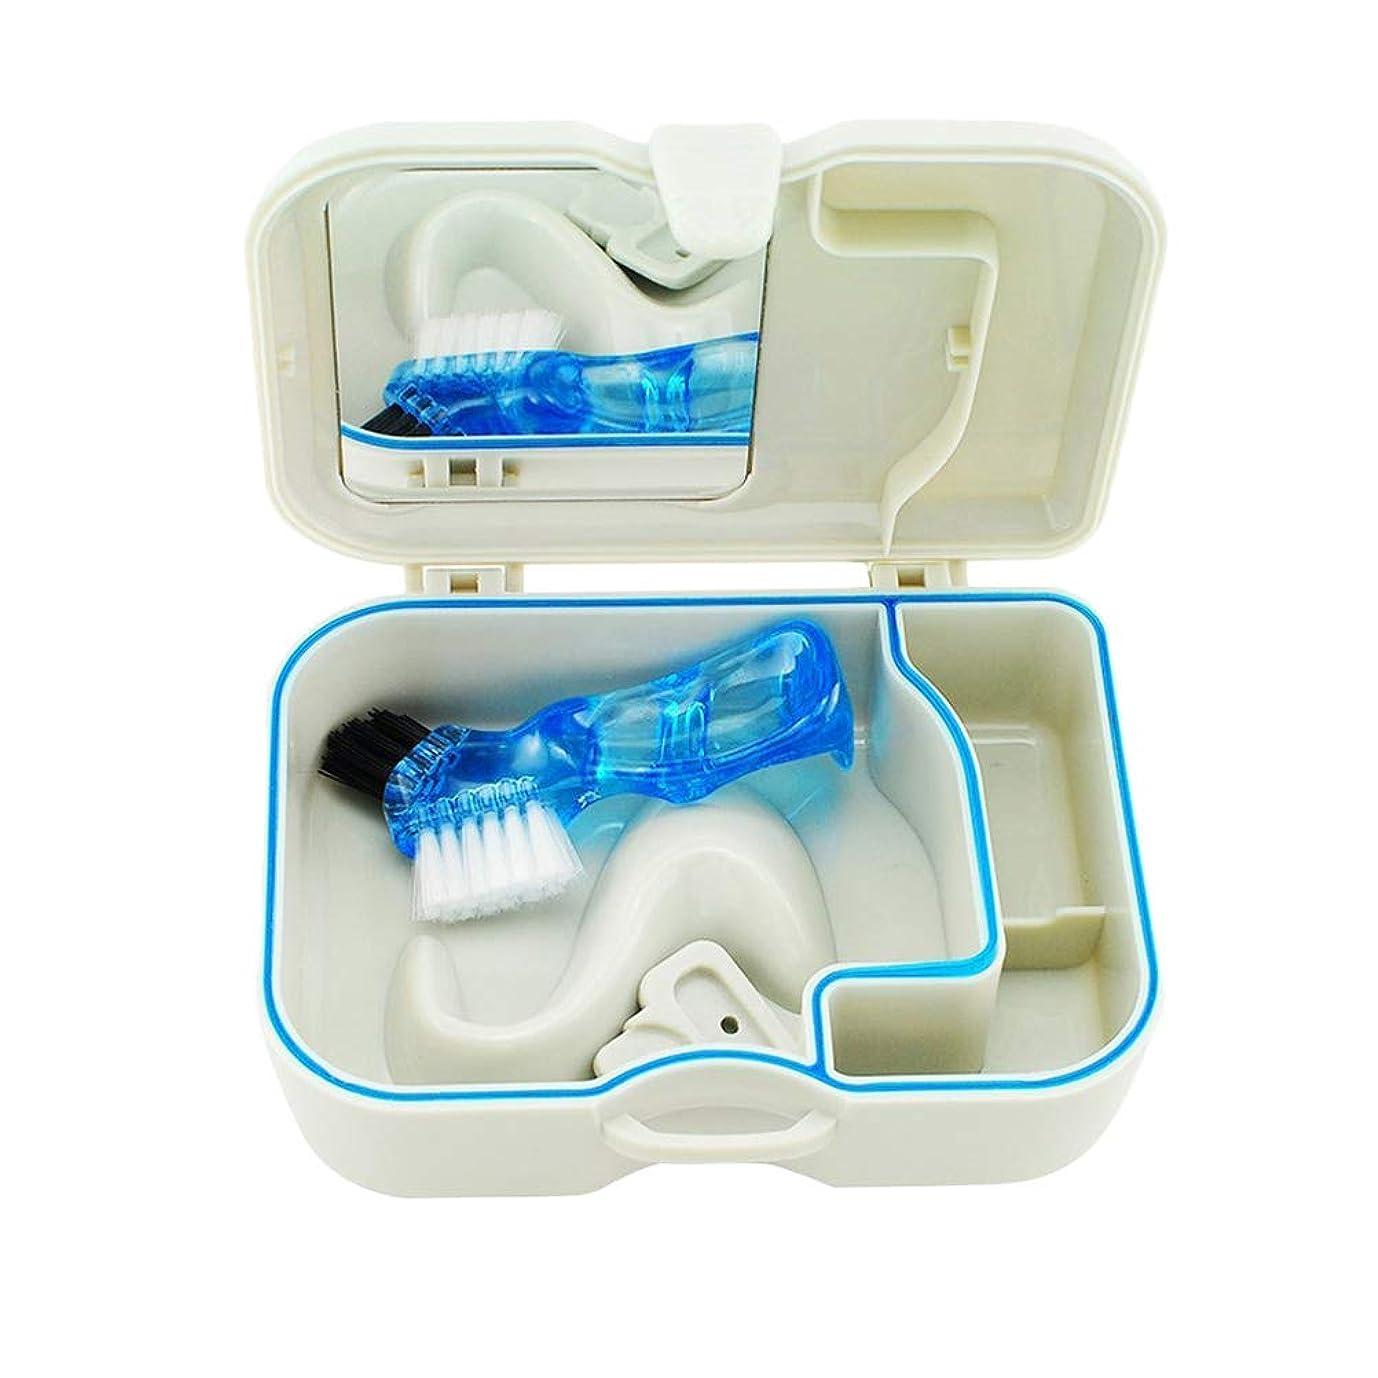 揺れる警官オープナーROSENICE ミラーブラシ付き携帯用義歯ケース歯科矯正用ストレージコンテナ(白)